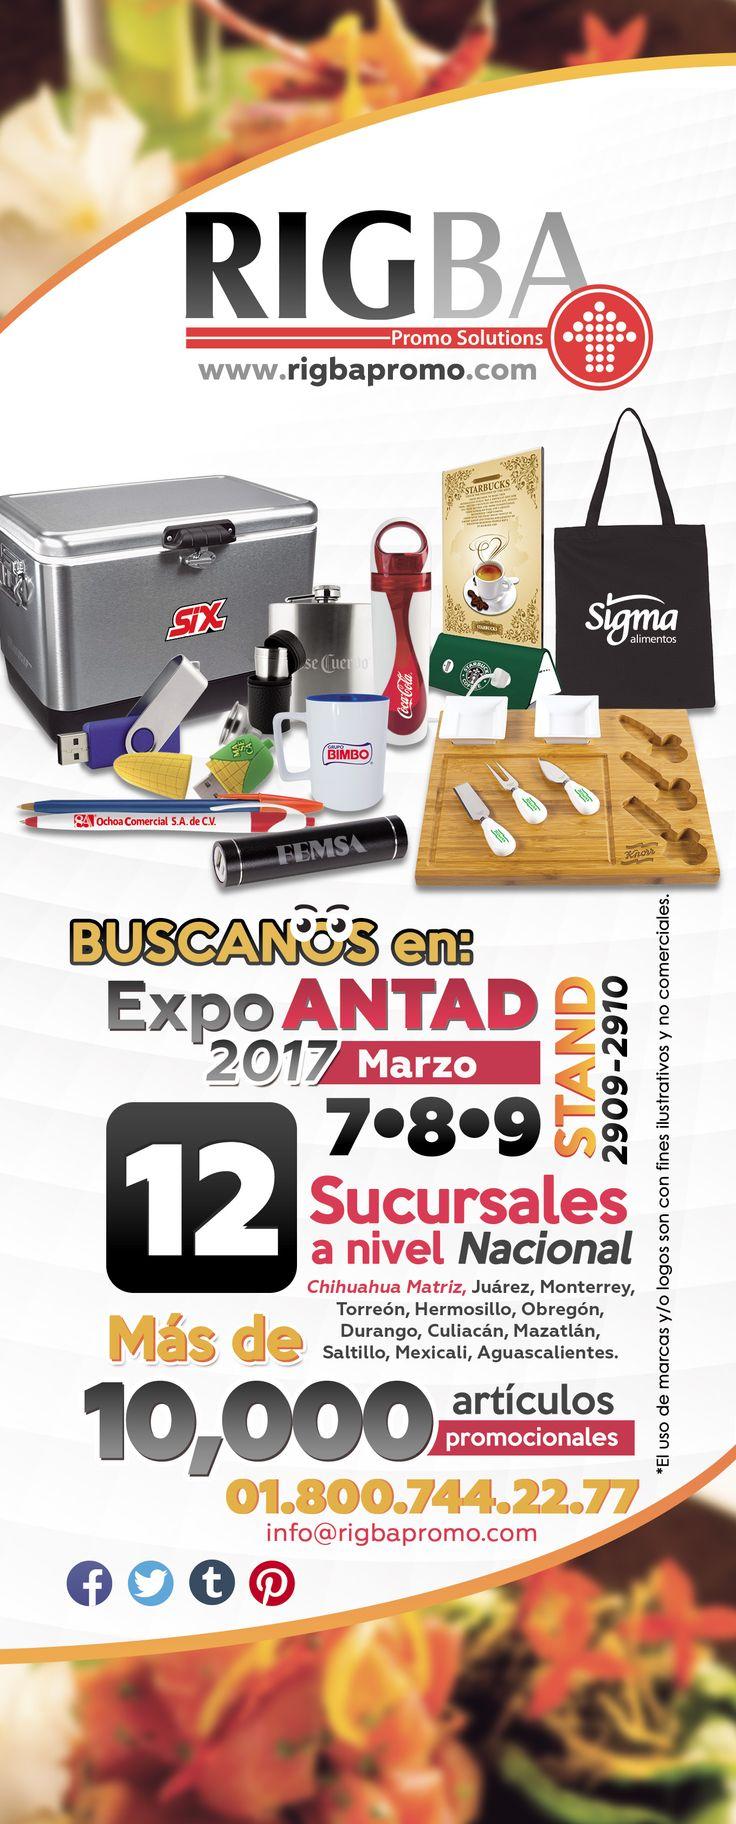 Ya falta poco!! Búscanos en Expo ANTAD & Alimentaria 2017 en la ciudad de Guadalajara, Jalisco. 🌽 🍔 🍞 🍺 🍫  🇲🇽  7, 8 Y 9 de Marzo en expo Guadalajara, Stand 2909-2910. 😄